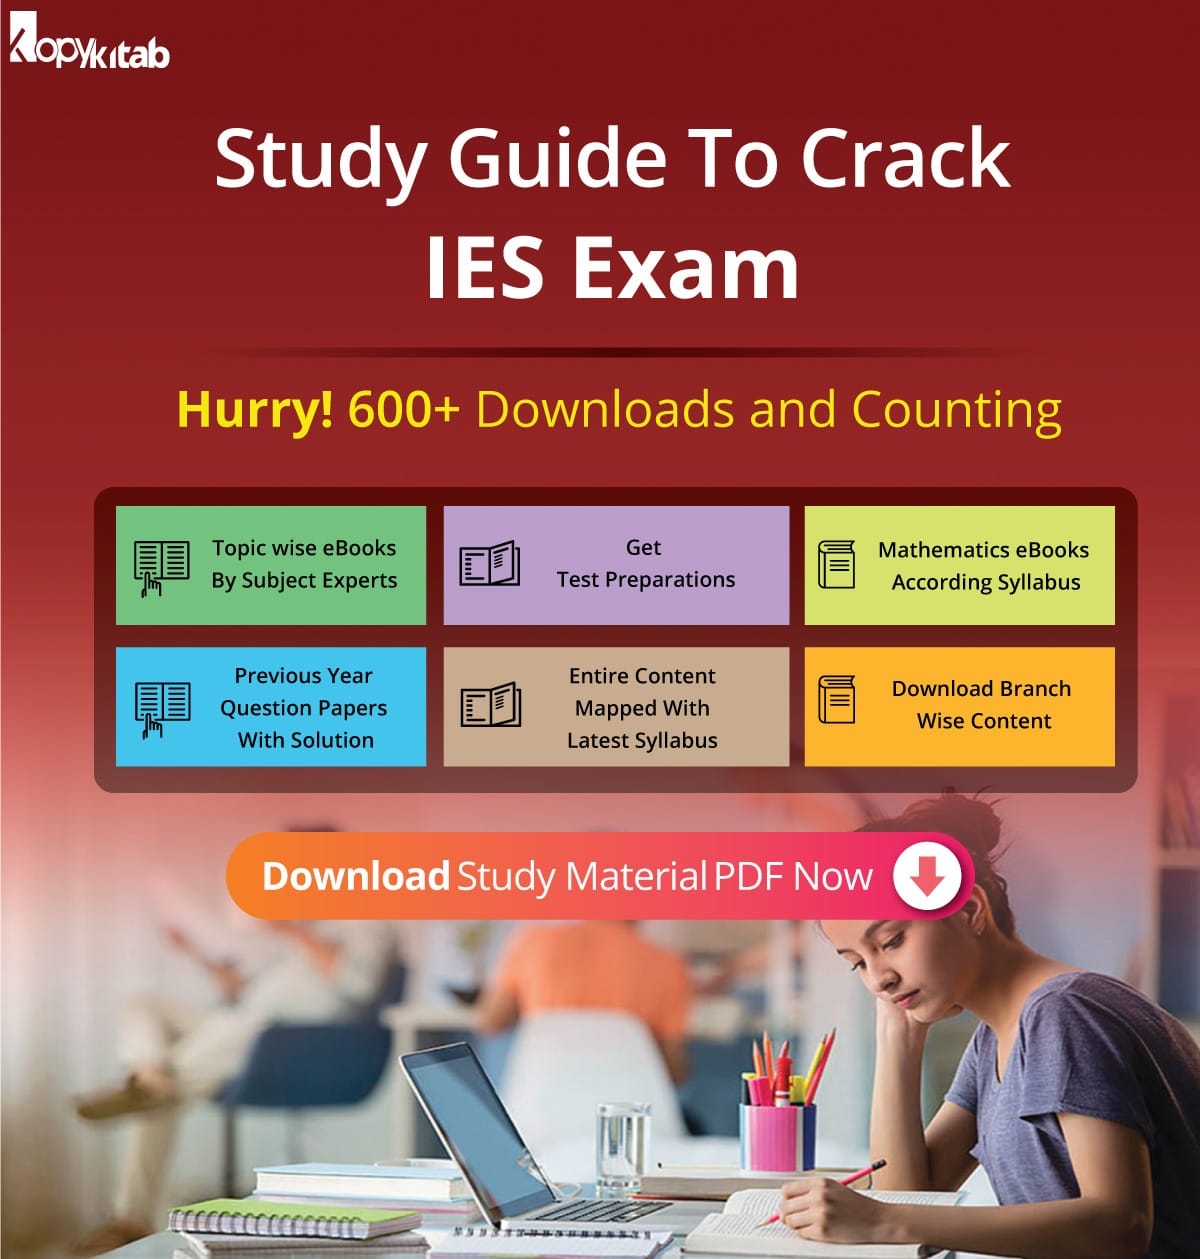 Study Guide to Crack IES Exam